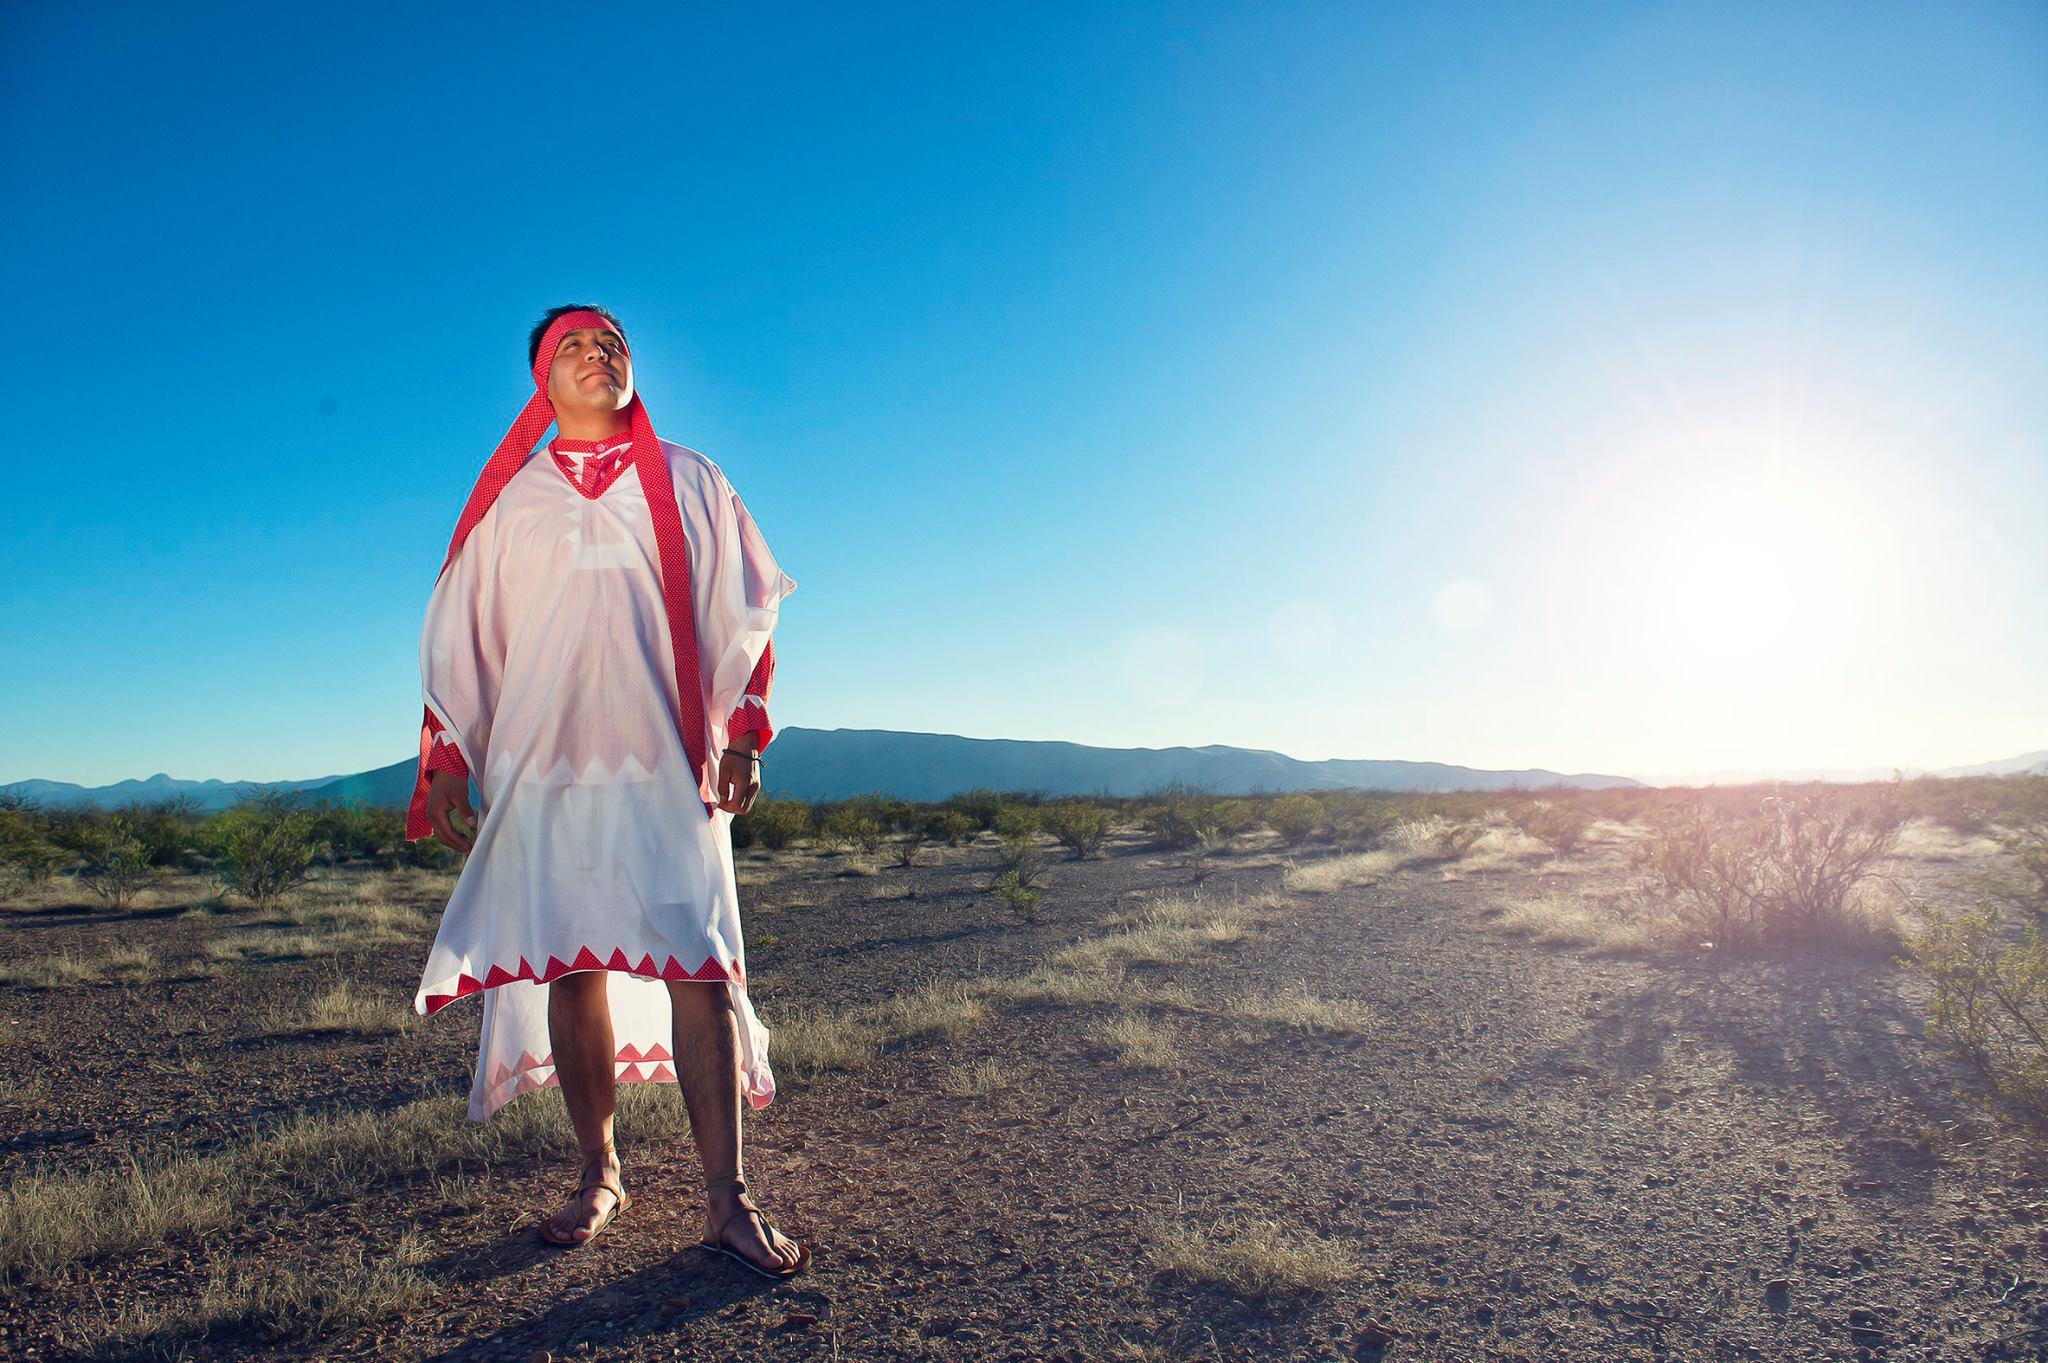 imagen cortesía de Posible.org.mx